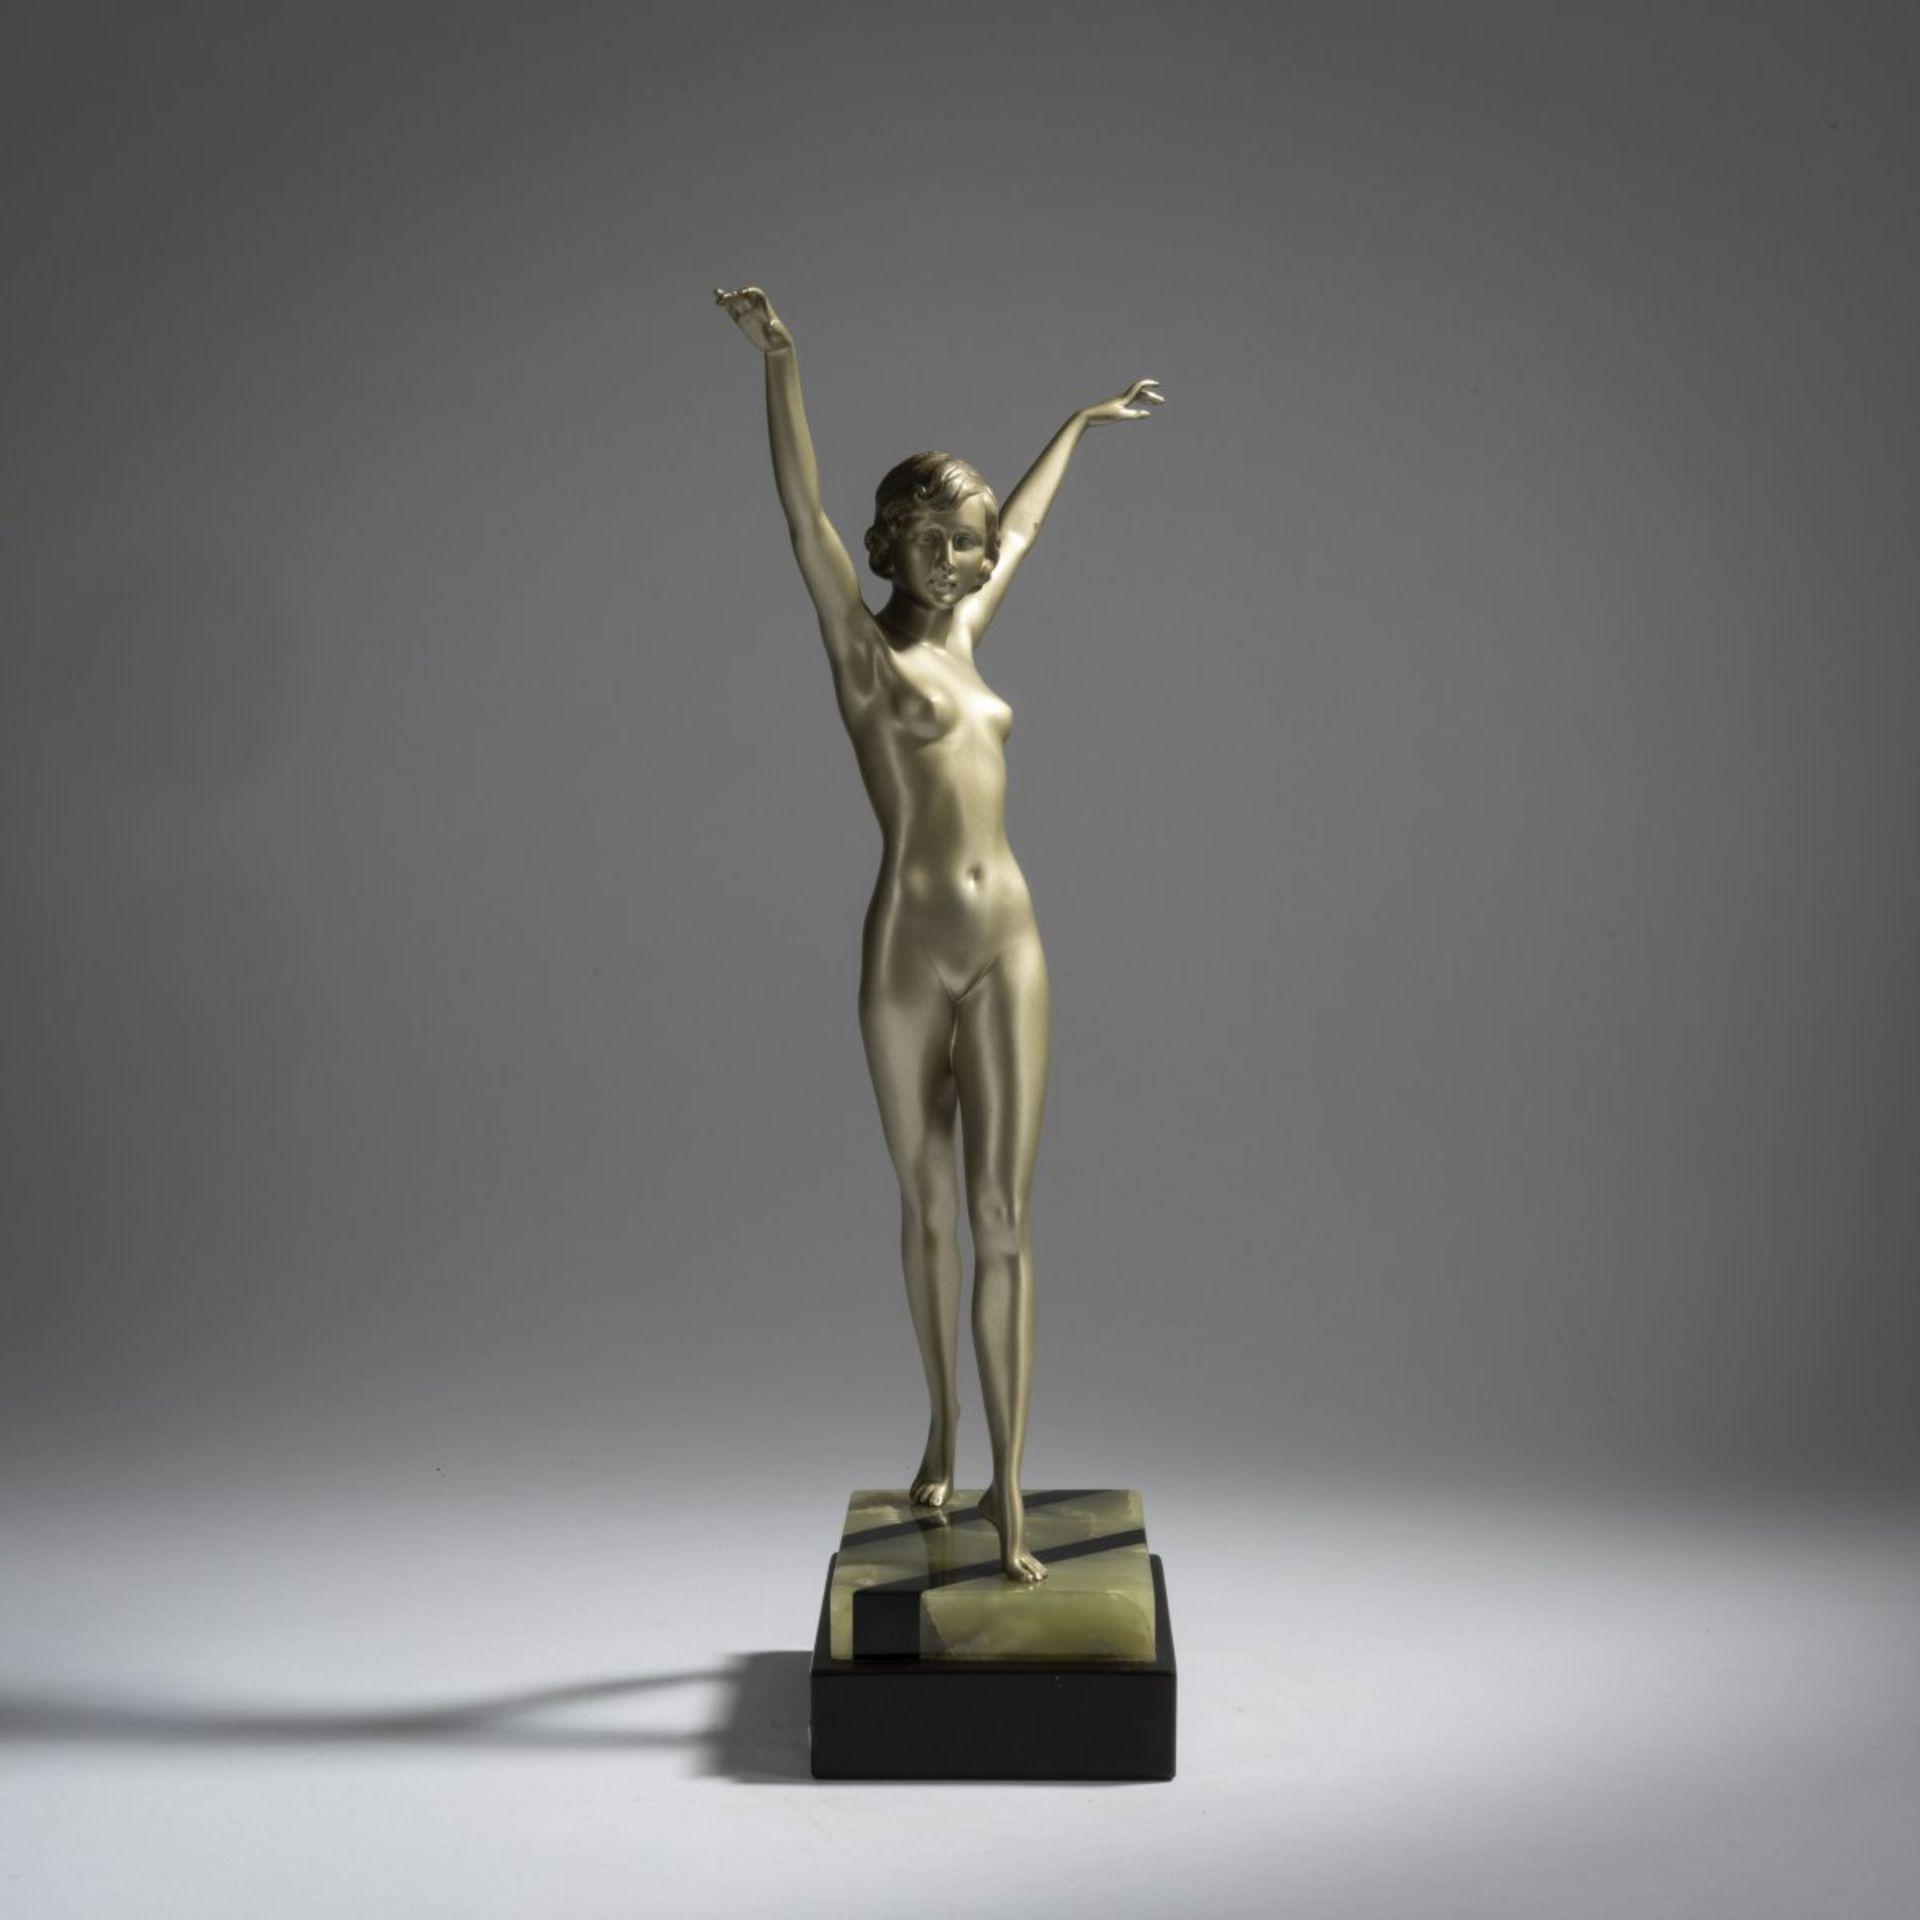 Ferdinand Preiss, Tänzerin, um 1930 - Bild 3 aus 9